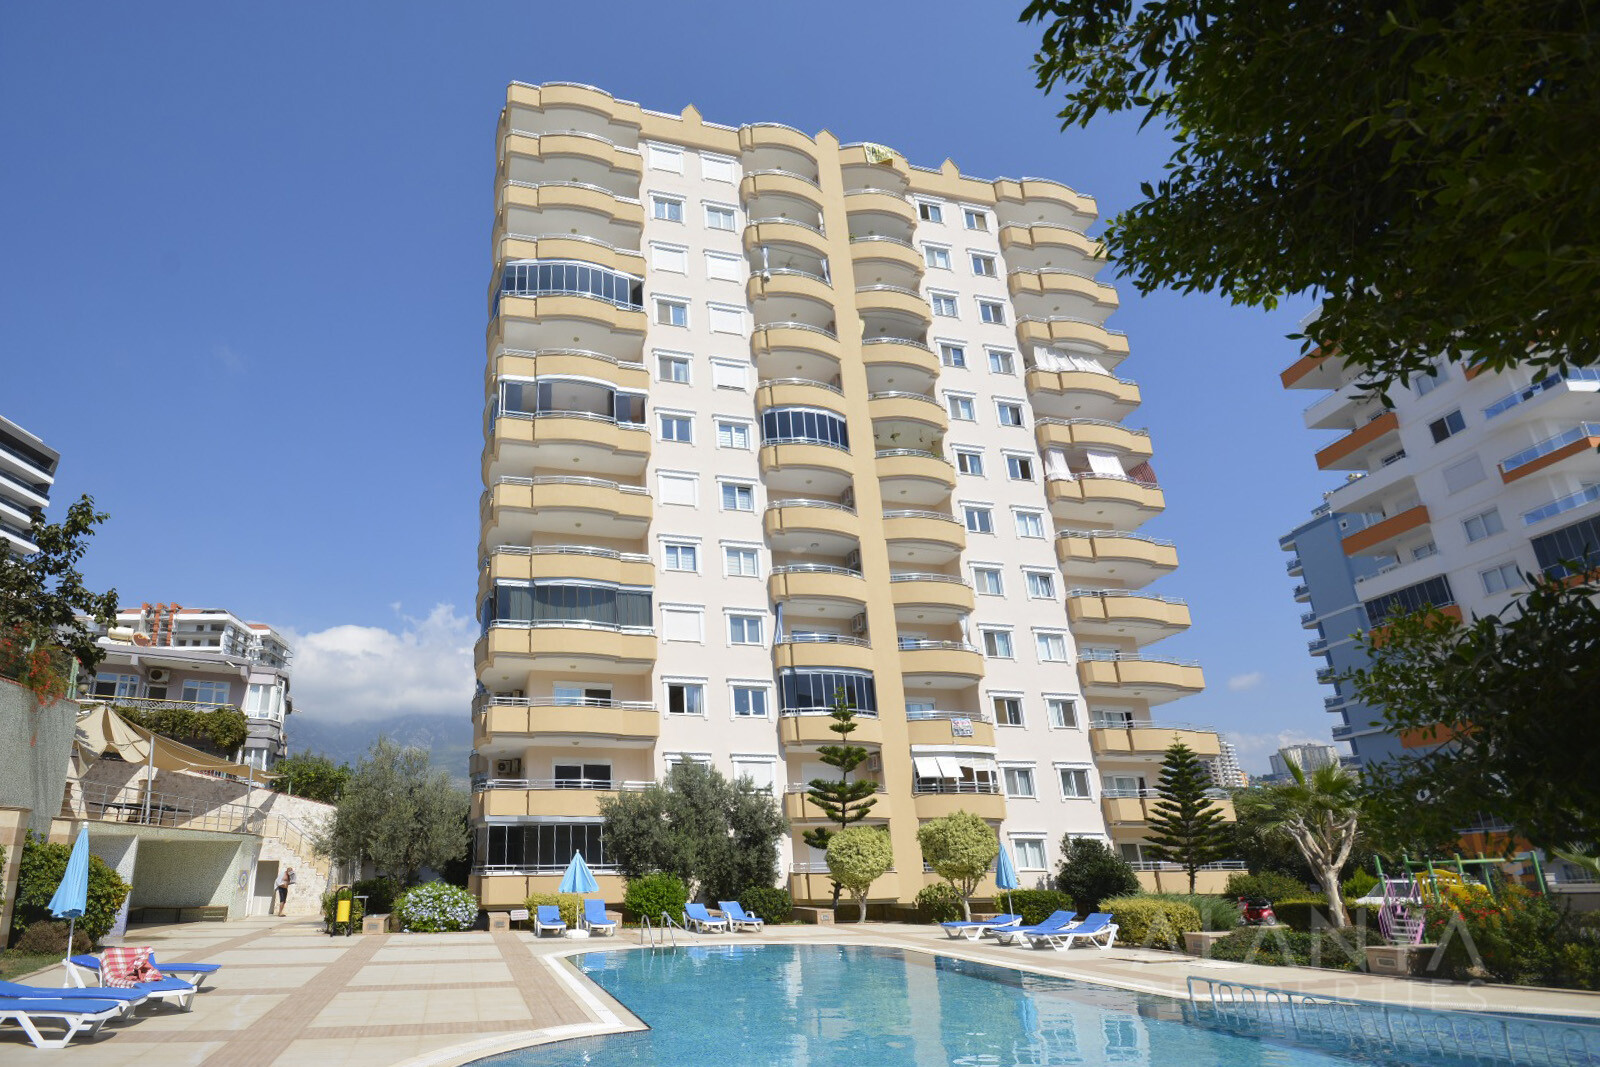 Appartement Complètement Meublé à Mahmutlar